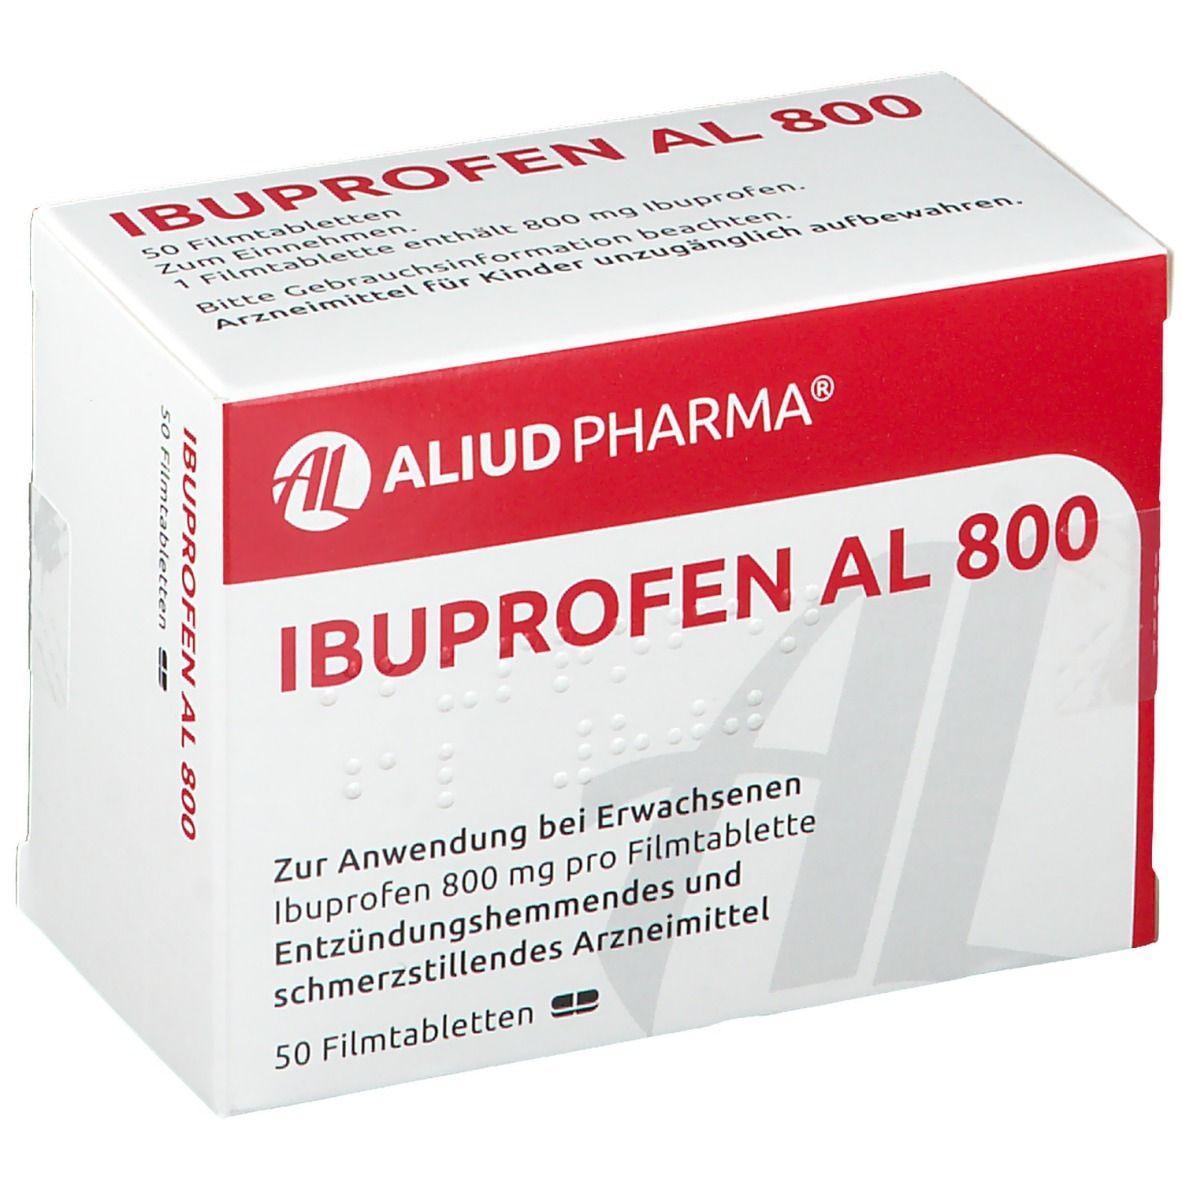 Ibuprofen AL 800 50 St - shop-apotheke.com